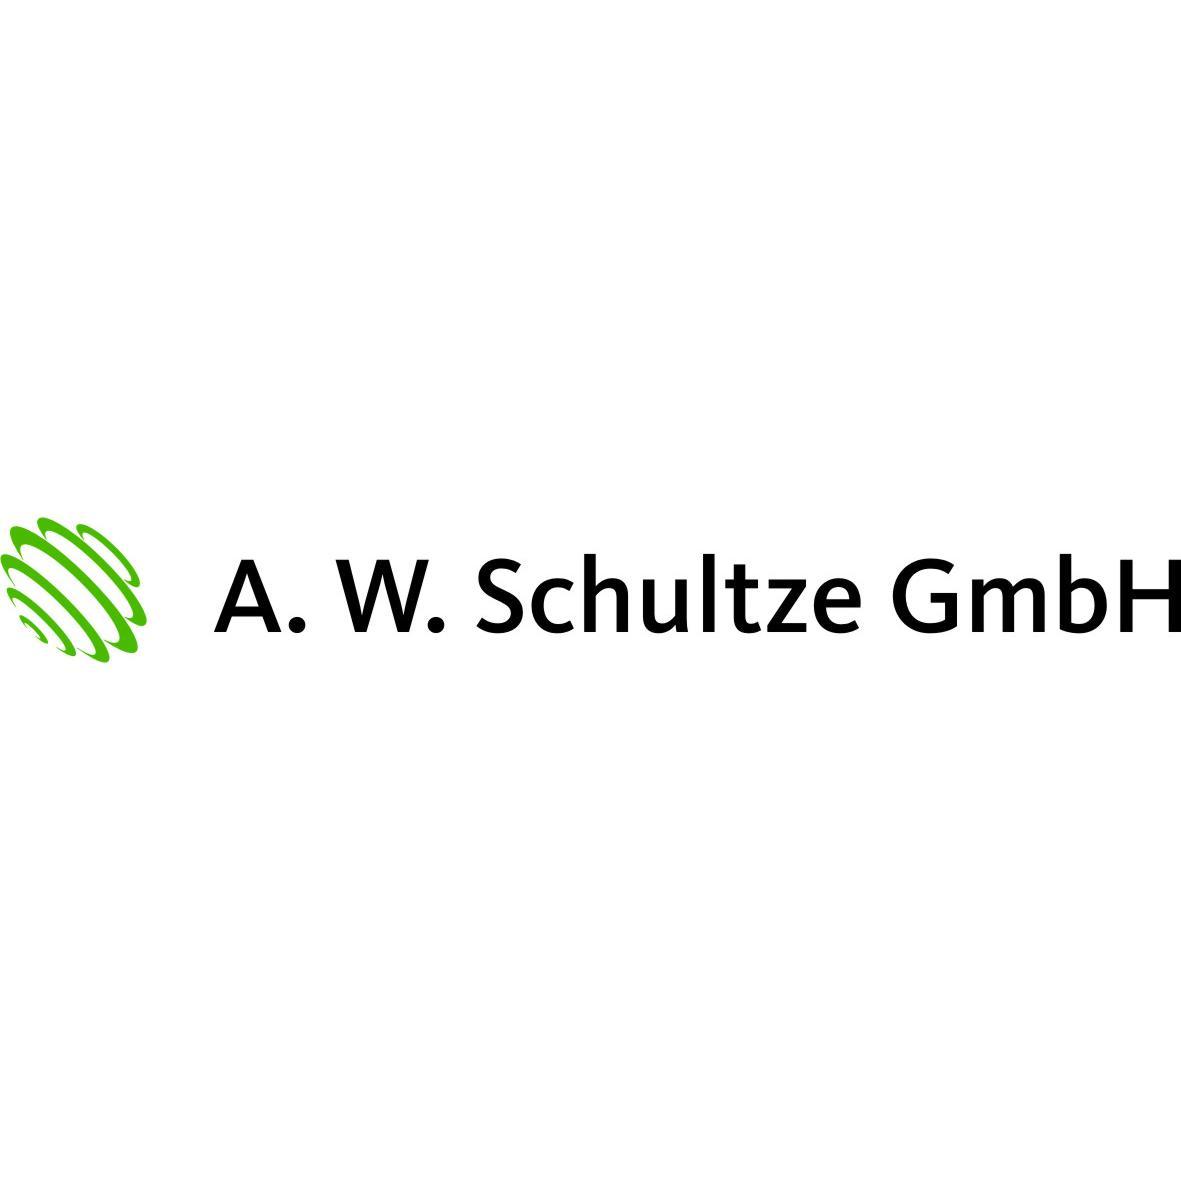 Bild zu A. W. Schultze GmbH in Geesthacht